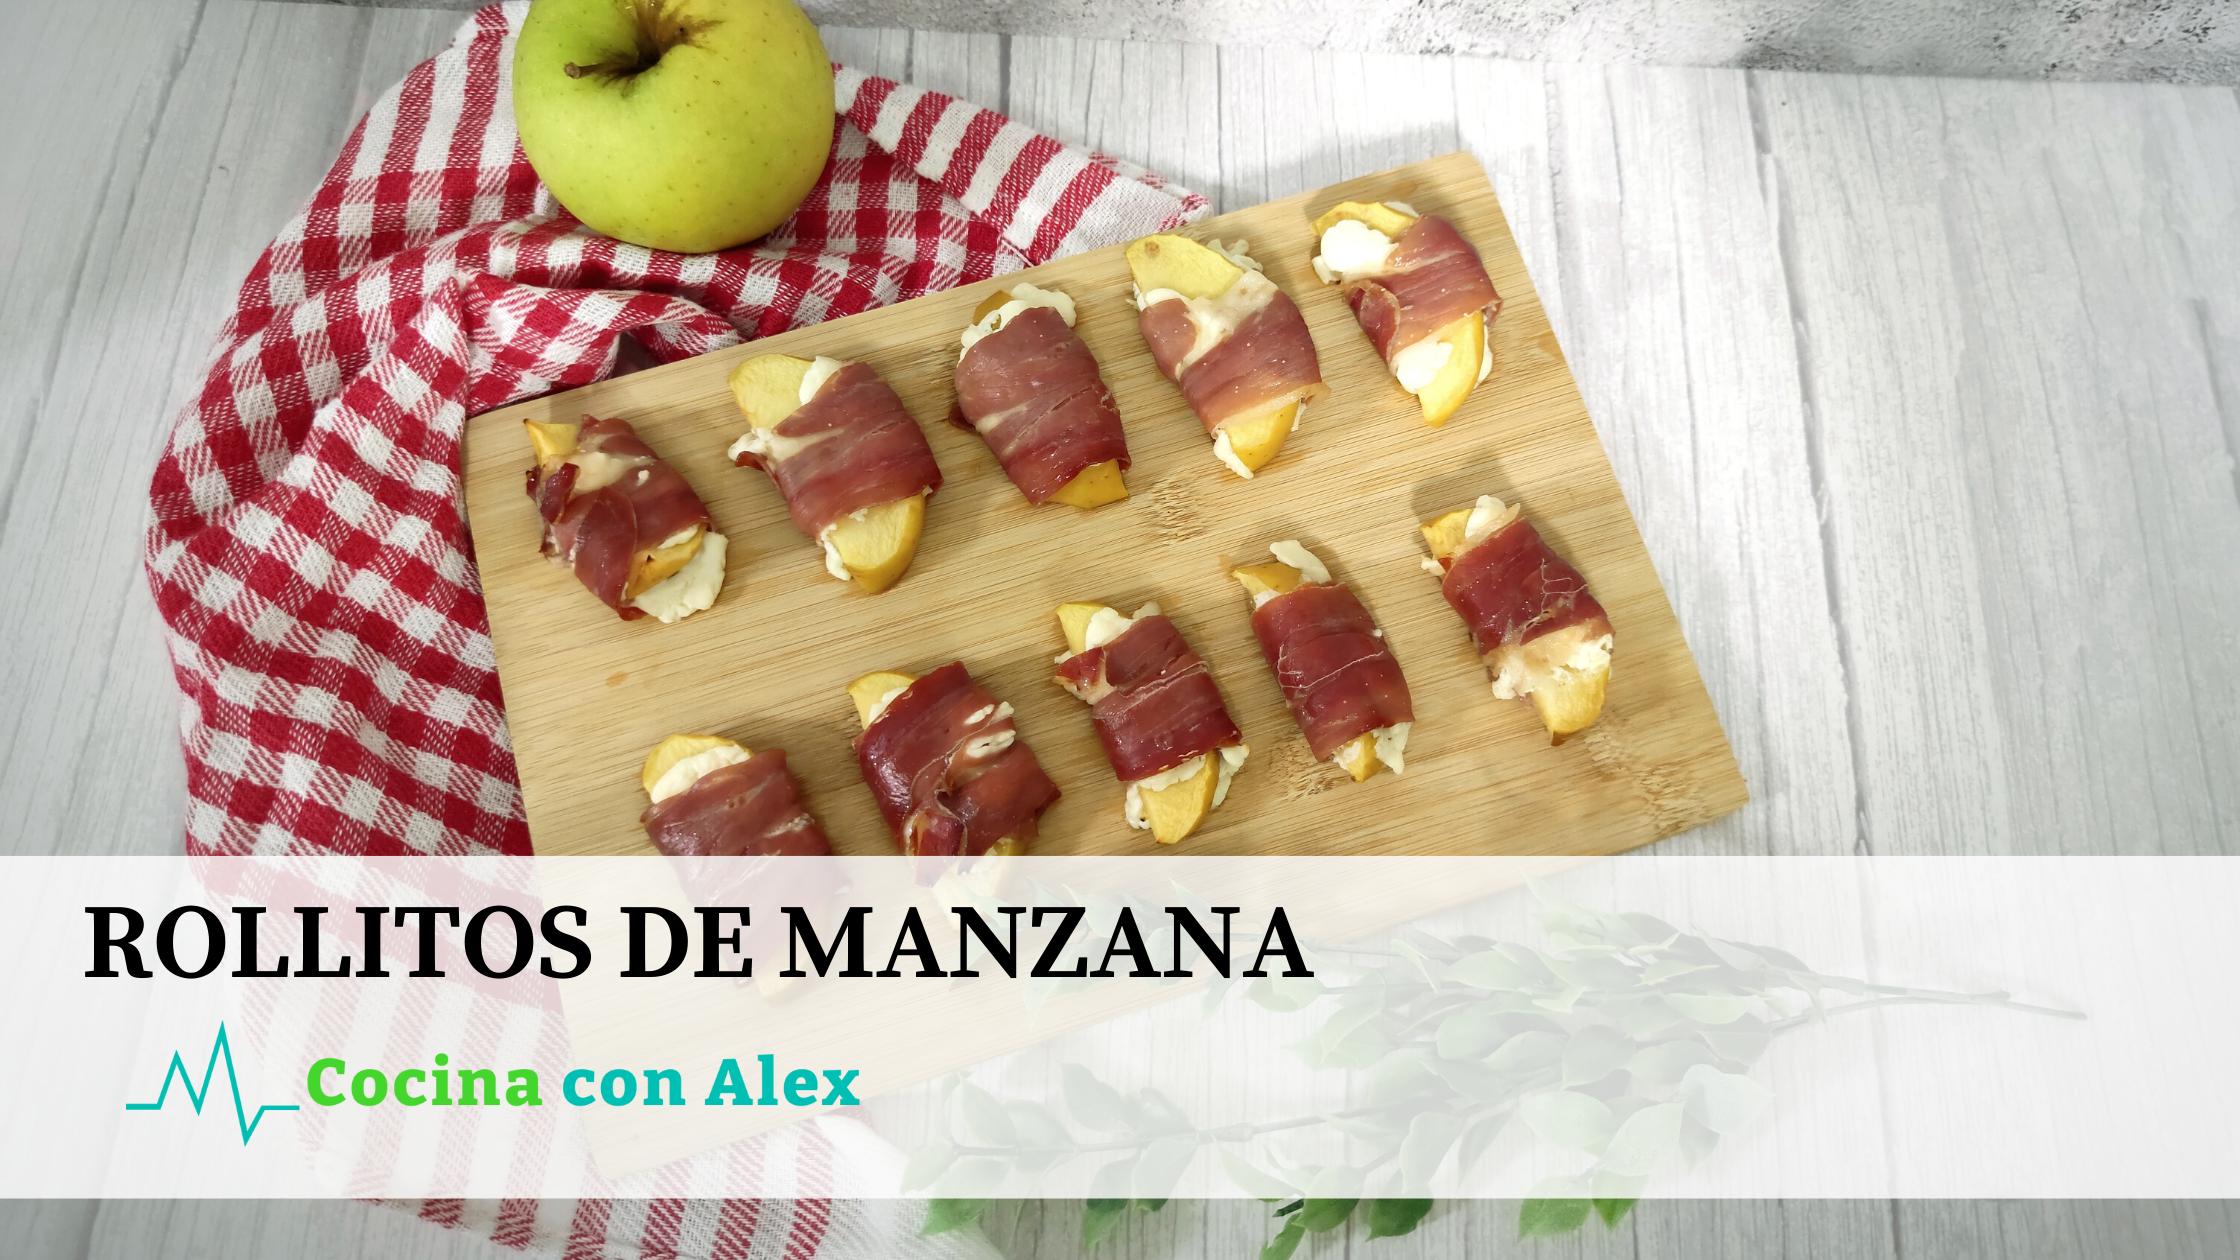 Rollitos de manzana alex arroyo fit. Receta perfecta para cuidar de tus invitados de forma saludable y baja en calorías.